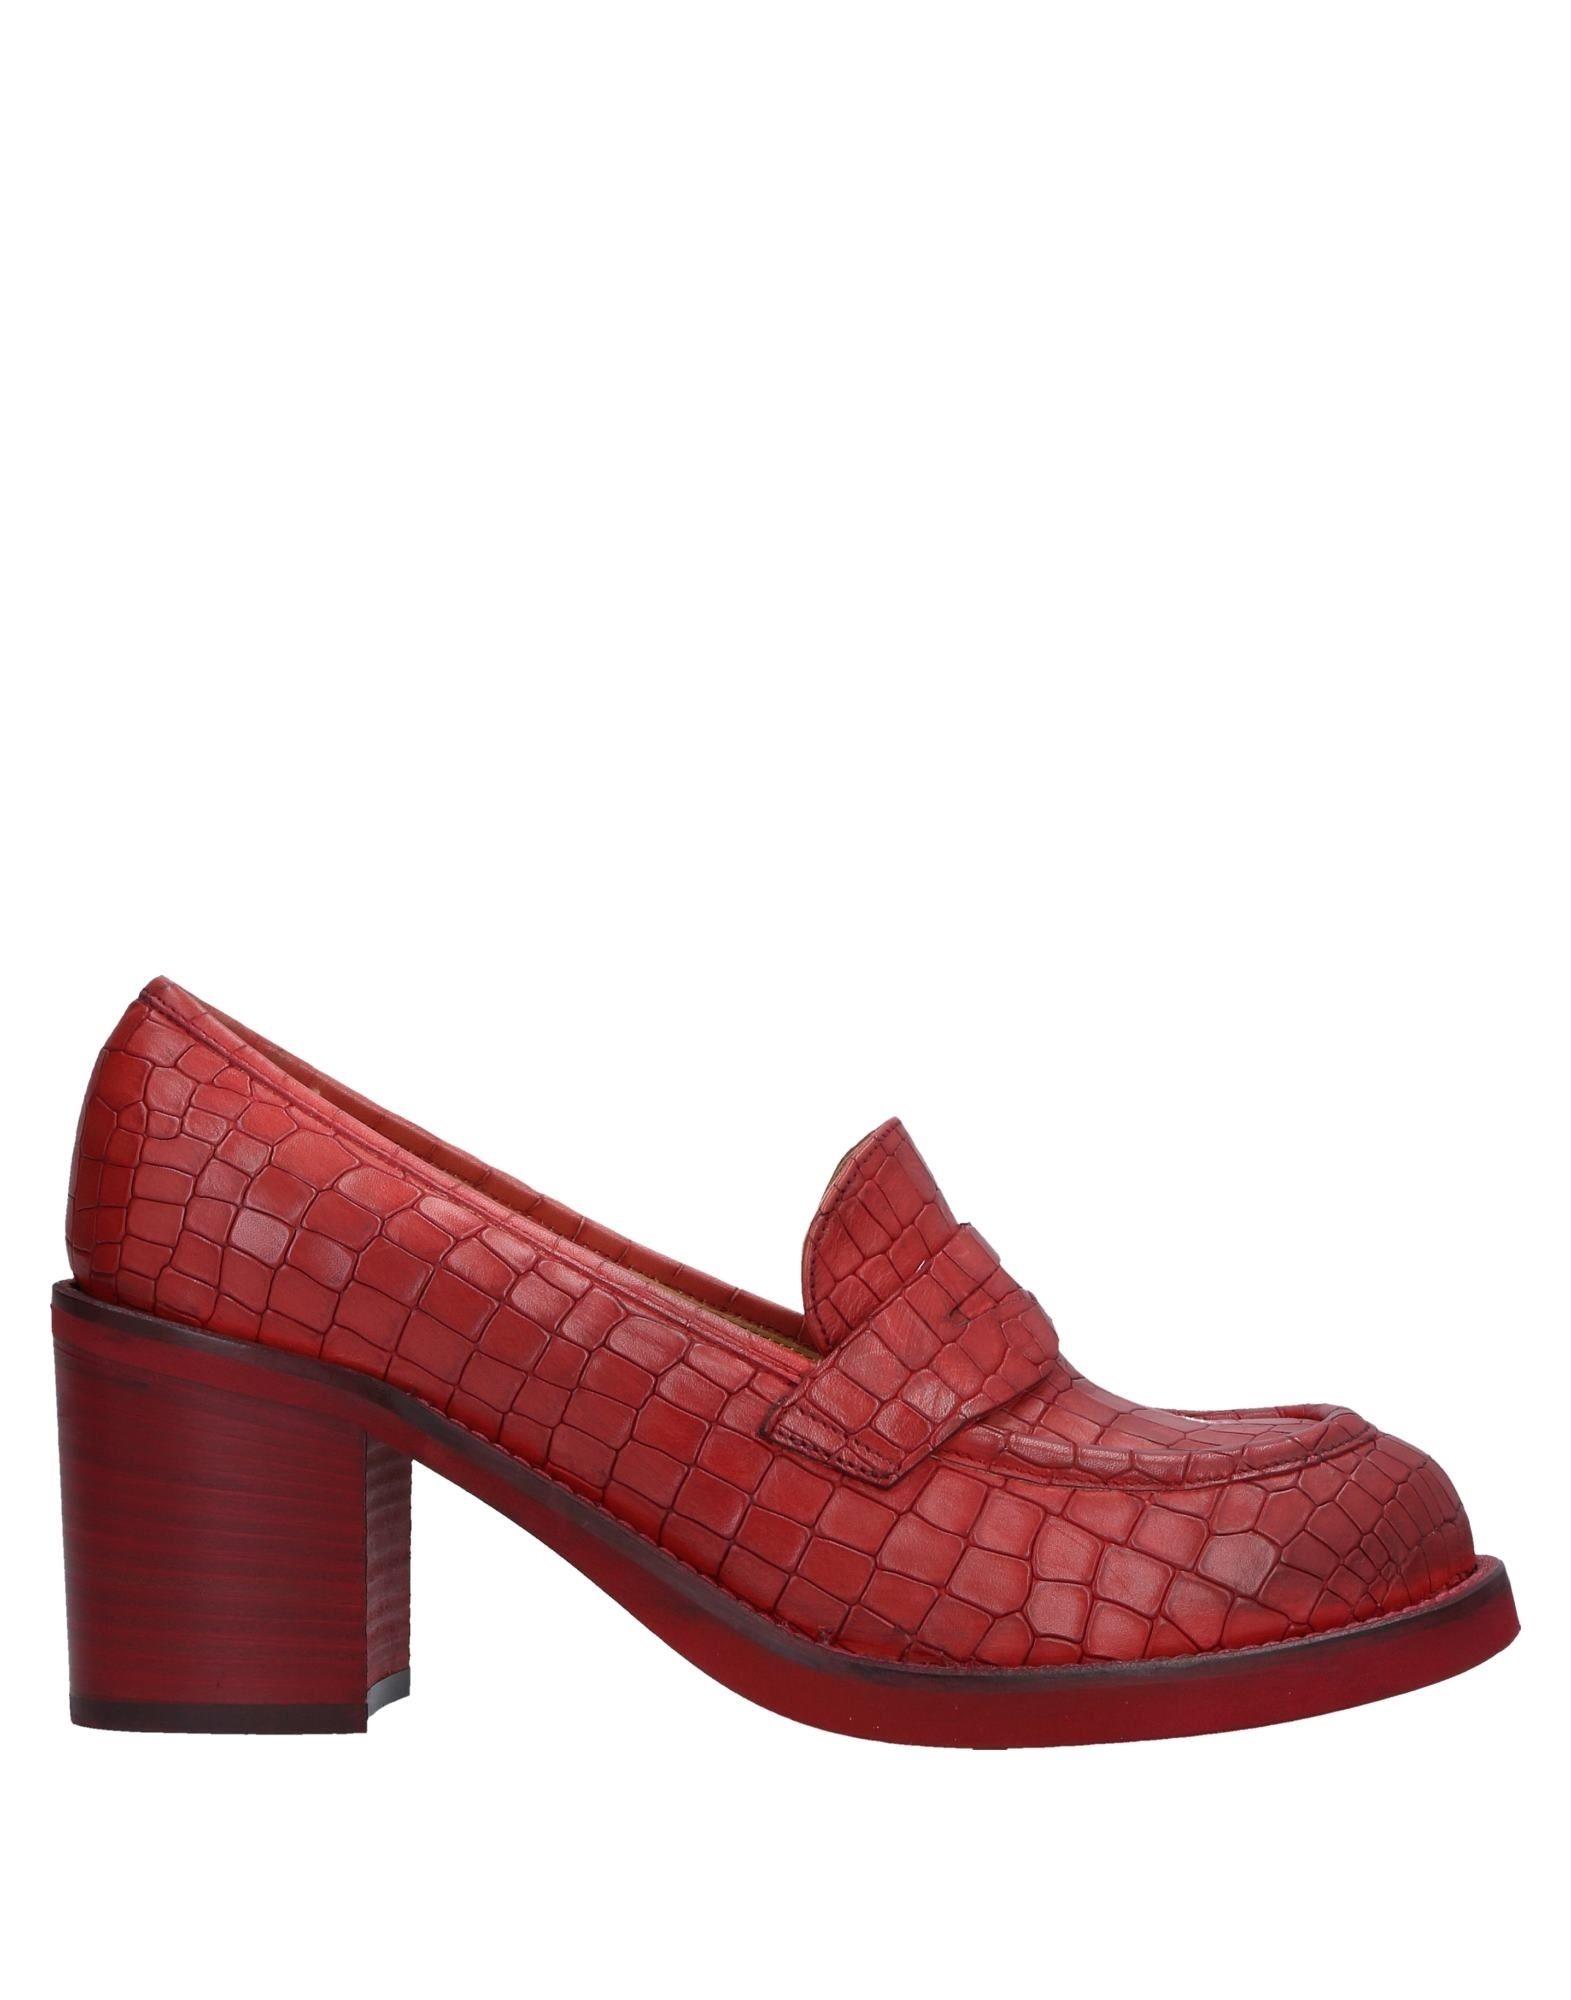 Pf16 Loafers - Women Pf16 Loafers Loafers Loafers online on  United Kingdom - 11535802HN 471a62